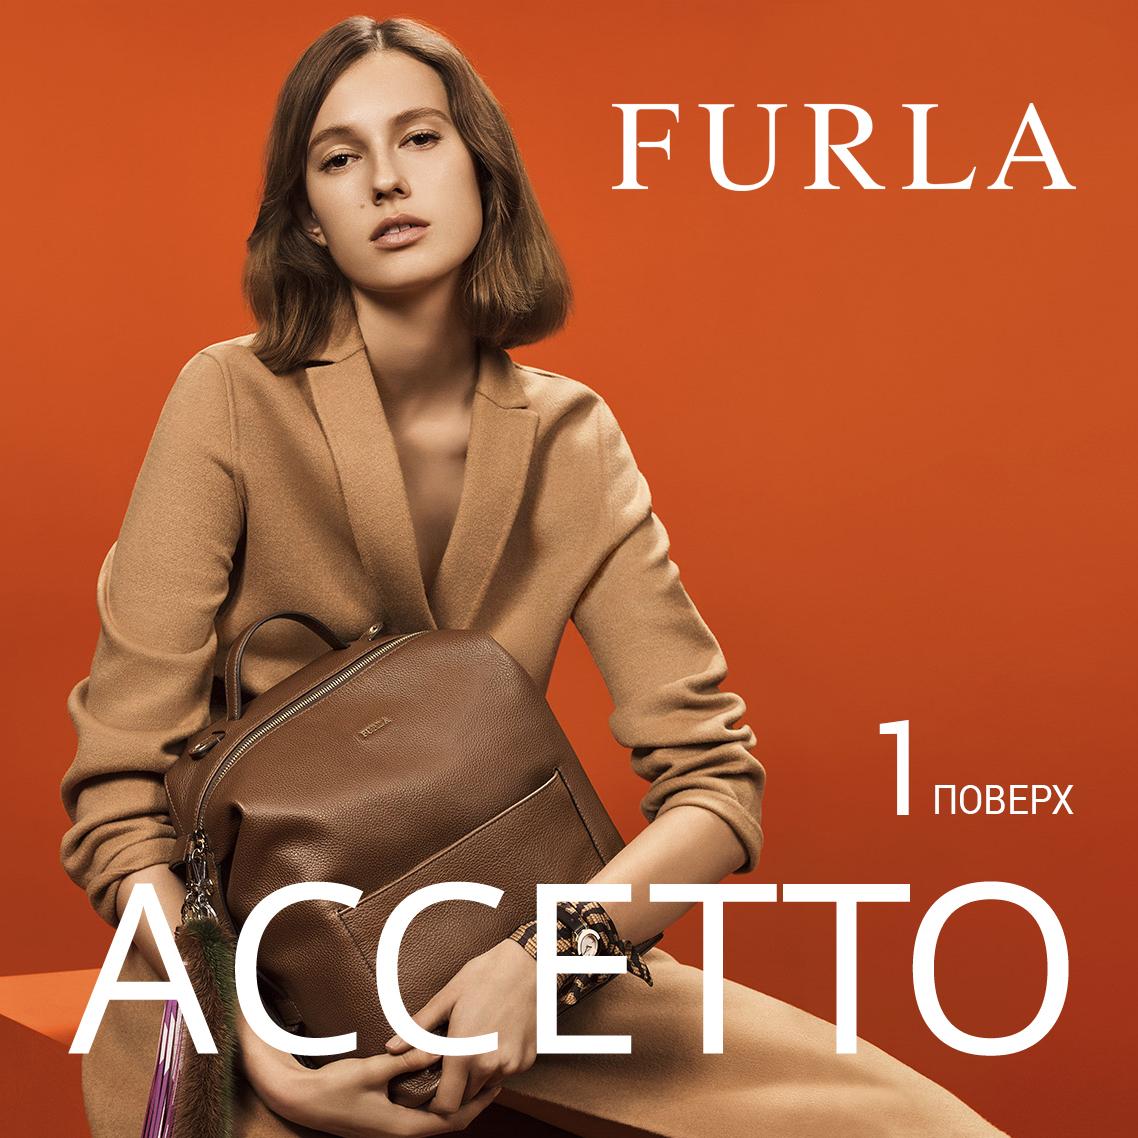 Спешите на открытие нового бутика Accetto в Харькове